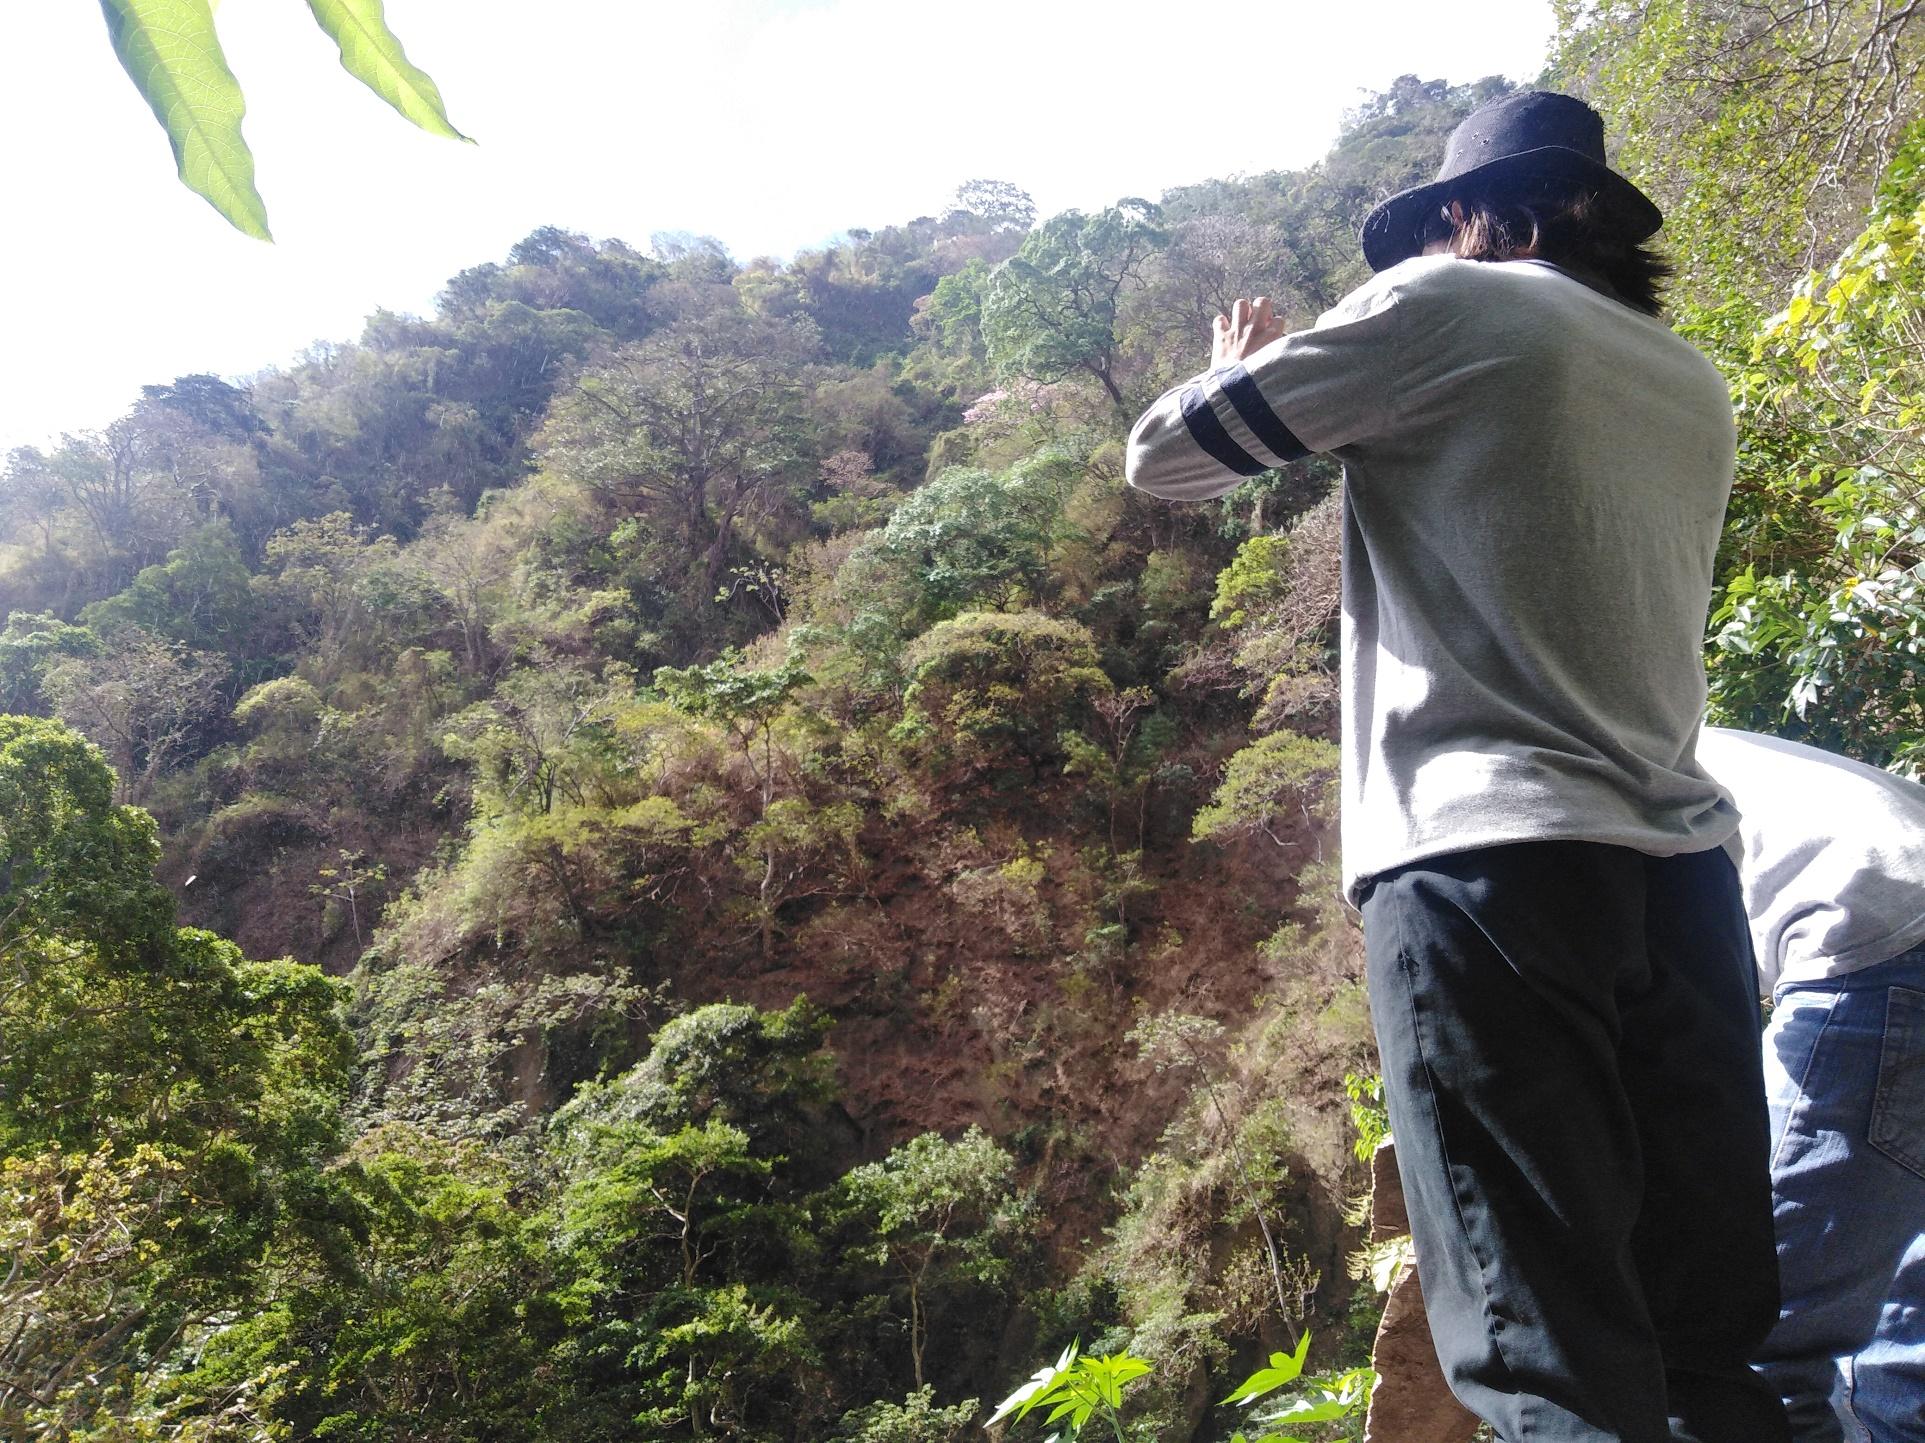 El aviturismo es uno de los productos turisticos que ofrece la reserva El Chocoyero El Brujo.